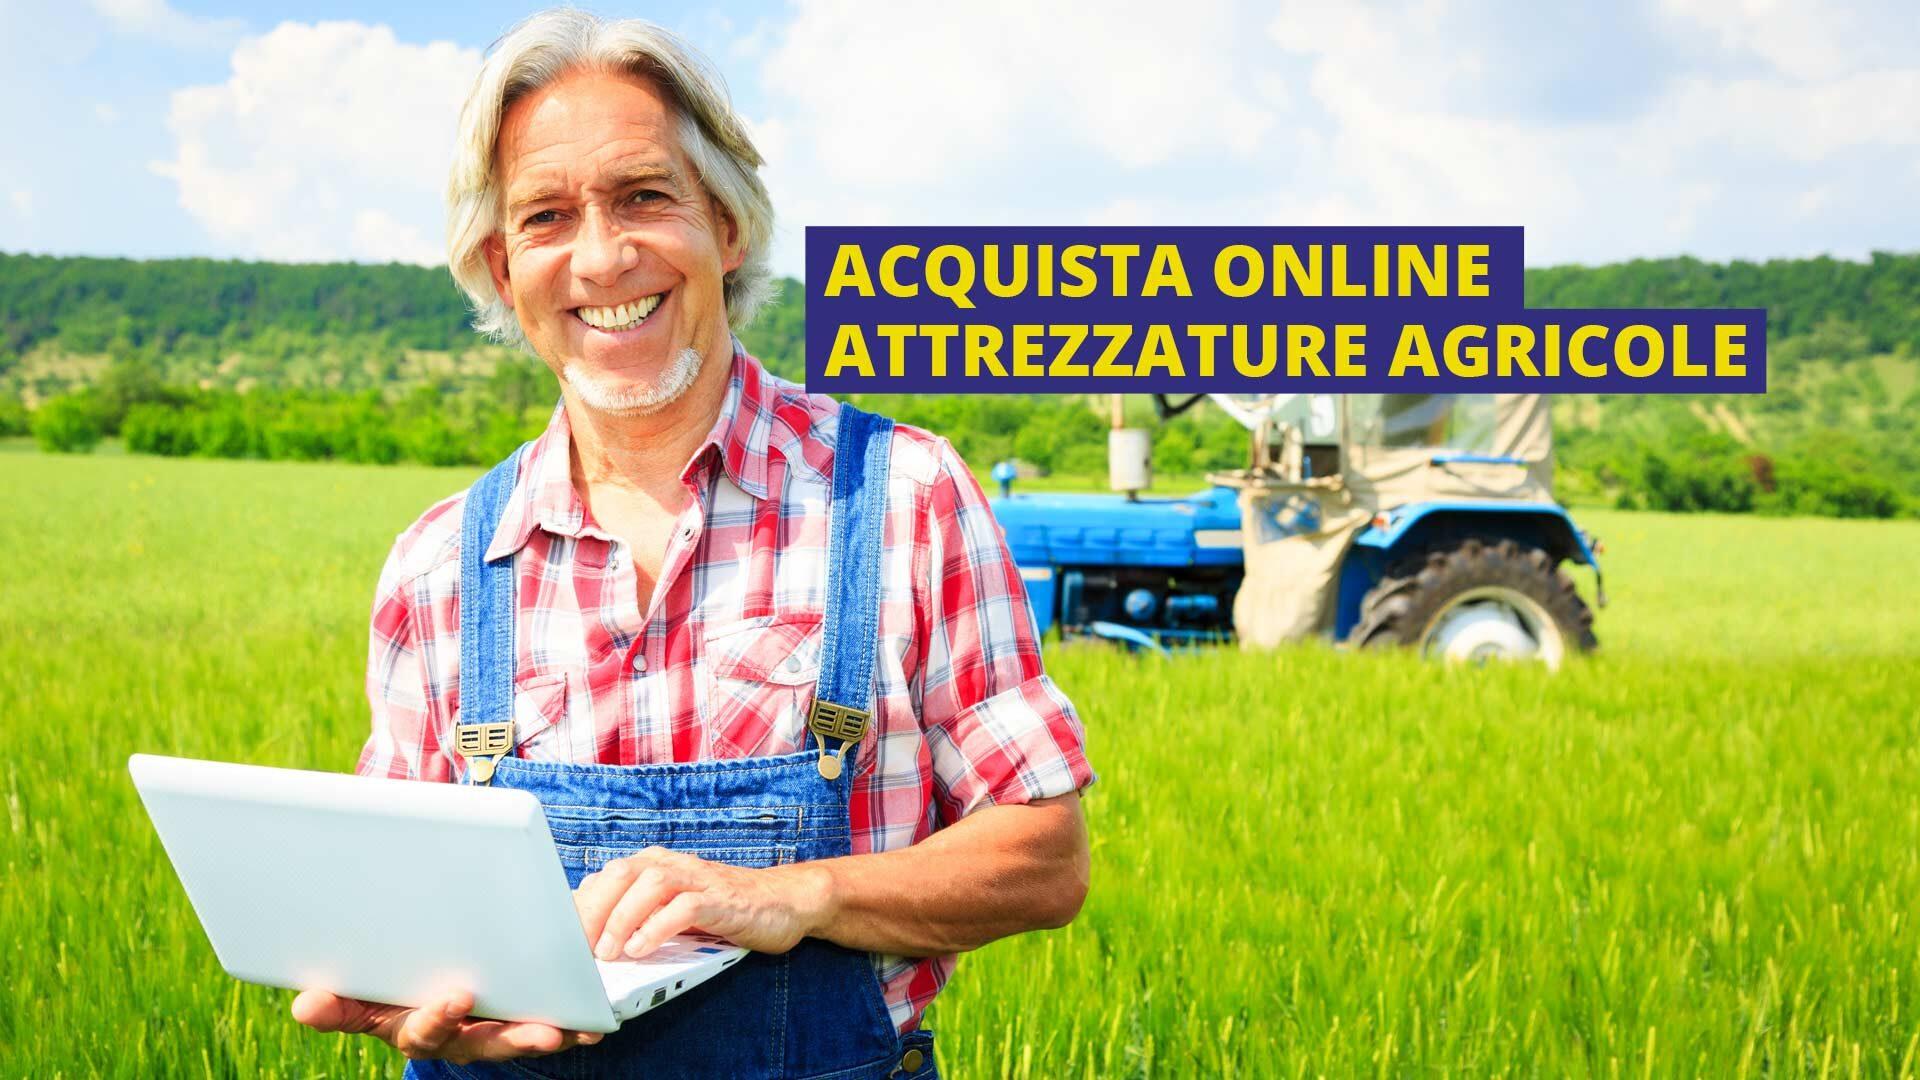 Immagine dell'articolo Ecommerce macchine e attrezzature agricole